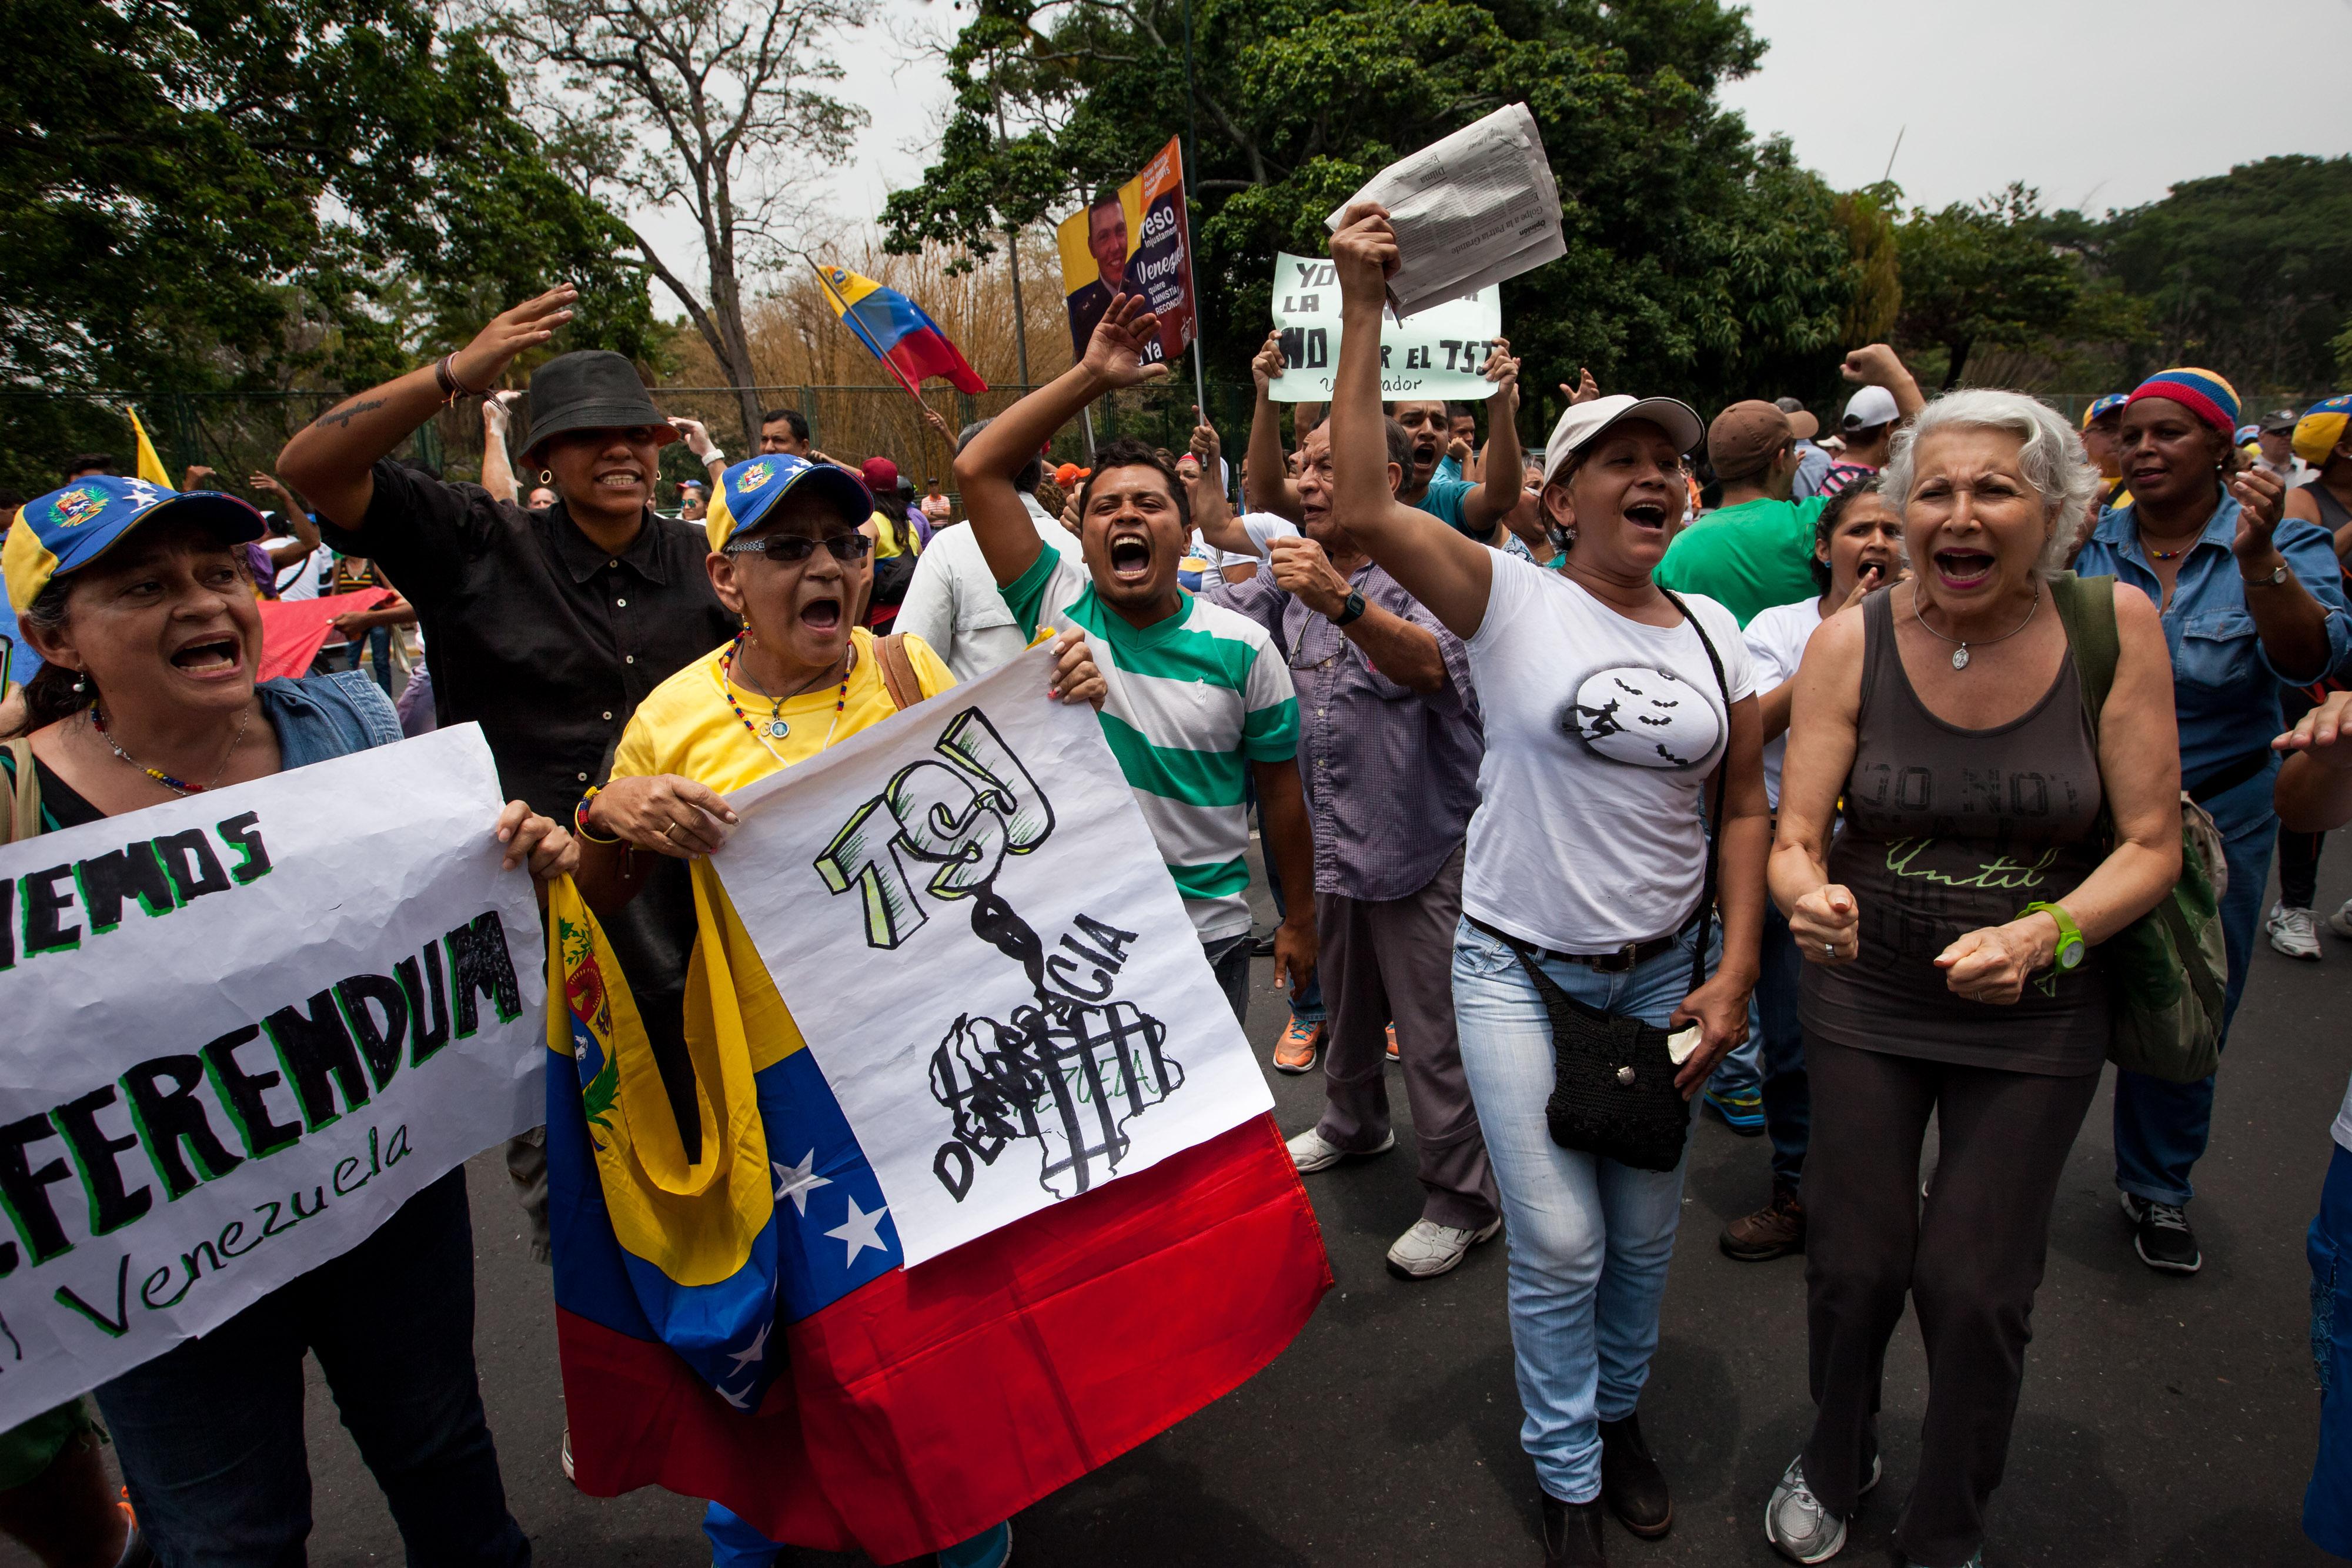 CAR04. CARACAS (VENEZUELA), 19/04/2016.- Opositores se manifiestan en apoyo de un referendo revocatorio que acortaría el mandato del presidente Nicolás Maduro, hoy, martes 19 de abril de 2016, en Caracas (Venezuela). La alianza opositora venezolana Mesa de la Unidad Democrática (MUD) pidió hoy a sus partidos miembros mantener la cohesión en pro de lograr el máximo objetivo de cambiar el Gobierno, de ser posible, antes de que termine el período del actual jefe de Estado, Nicolás Maduro. EFE/Miguel Gutiérrez